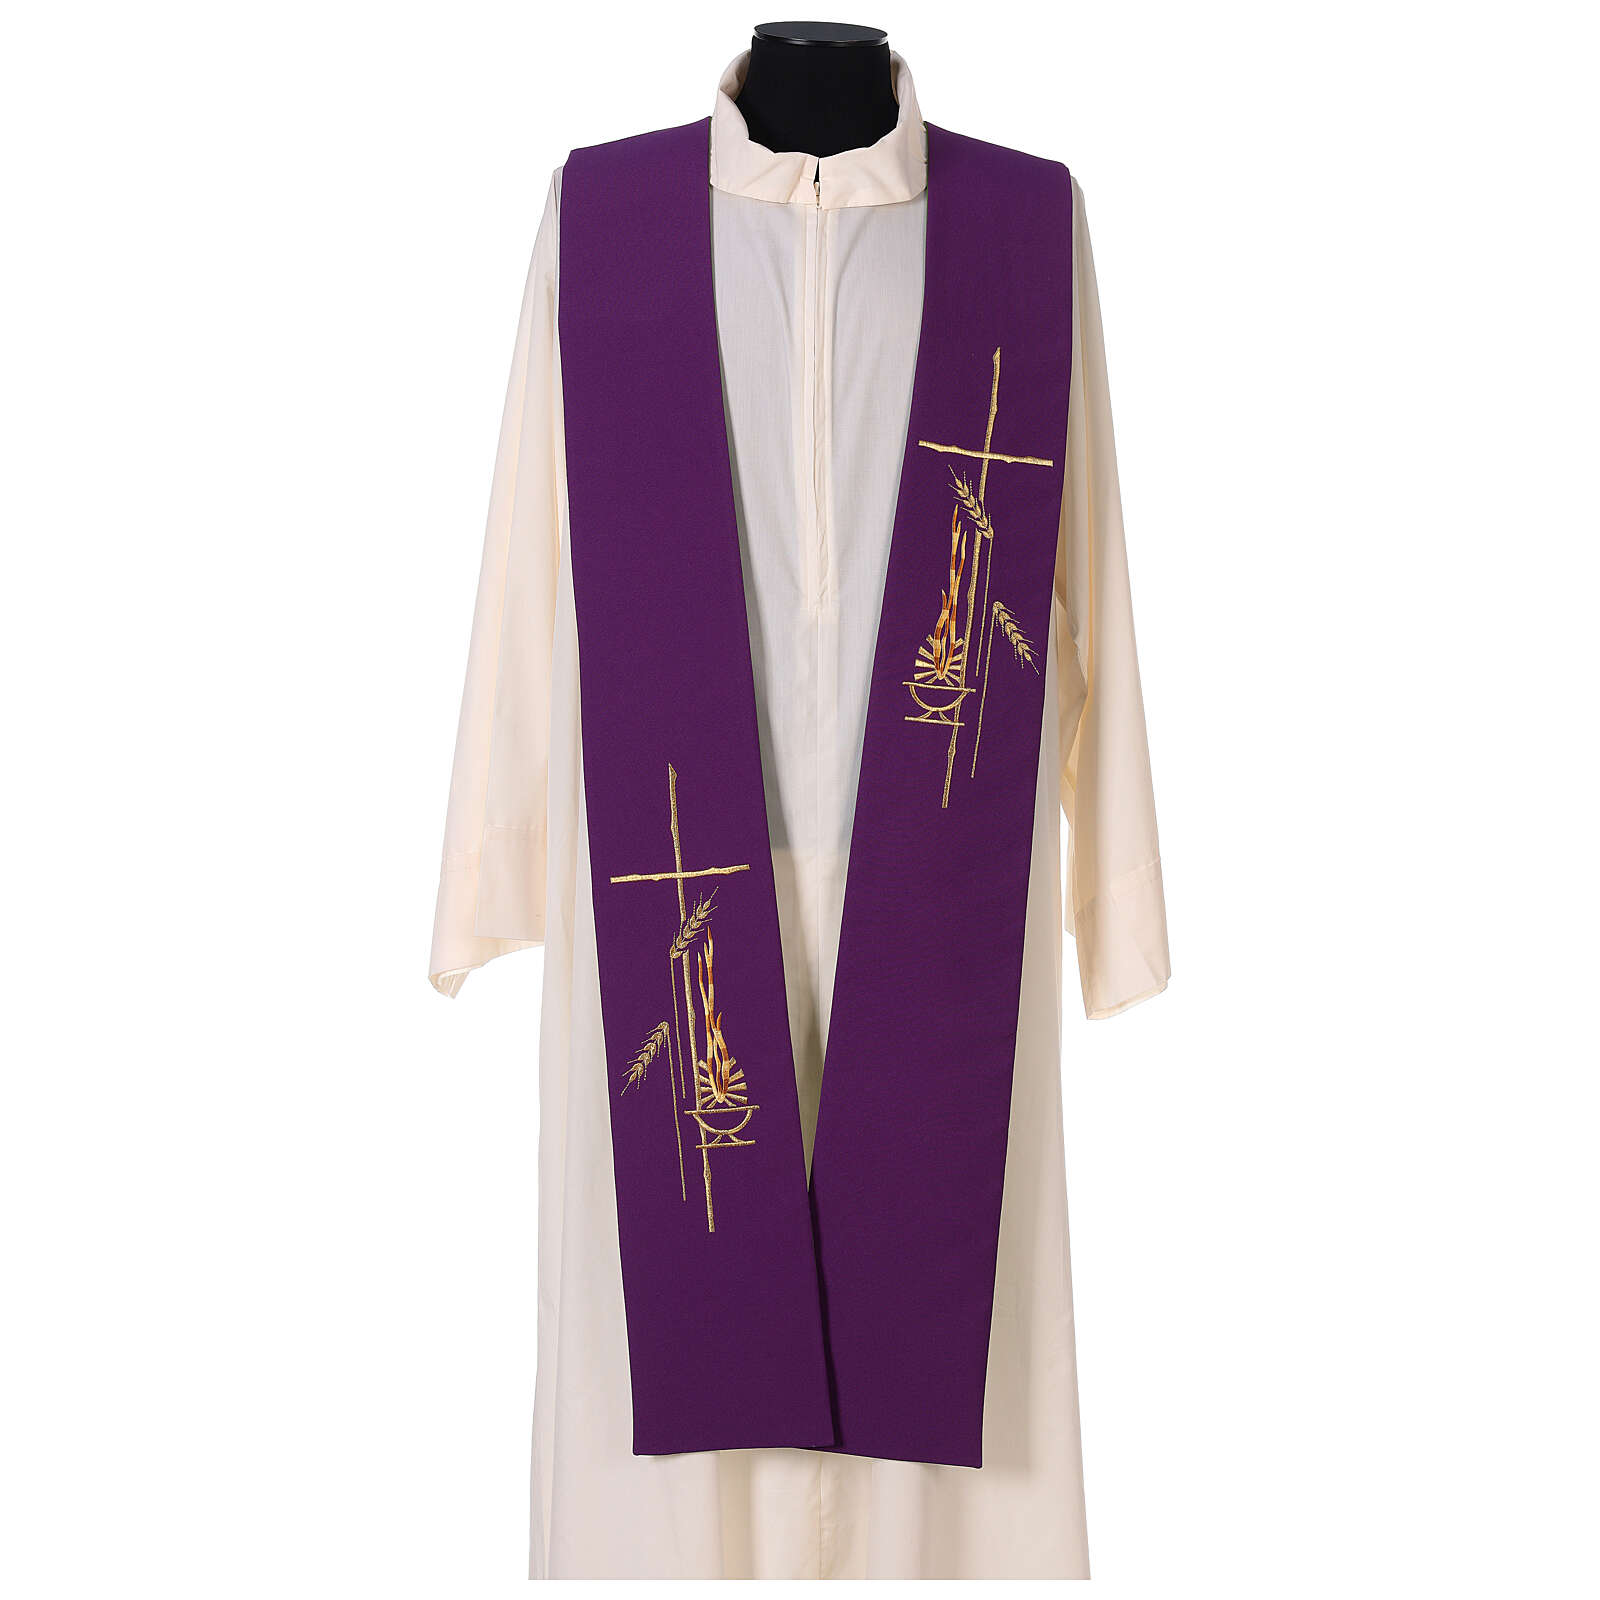 Étole liturgique bicolore verte et violette épis 100% polyester 4